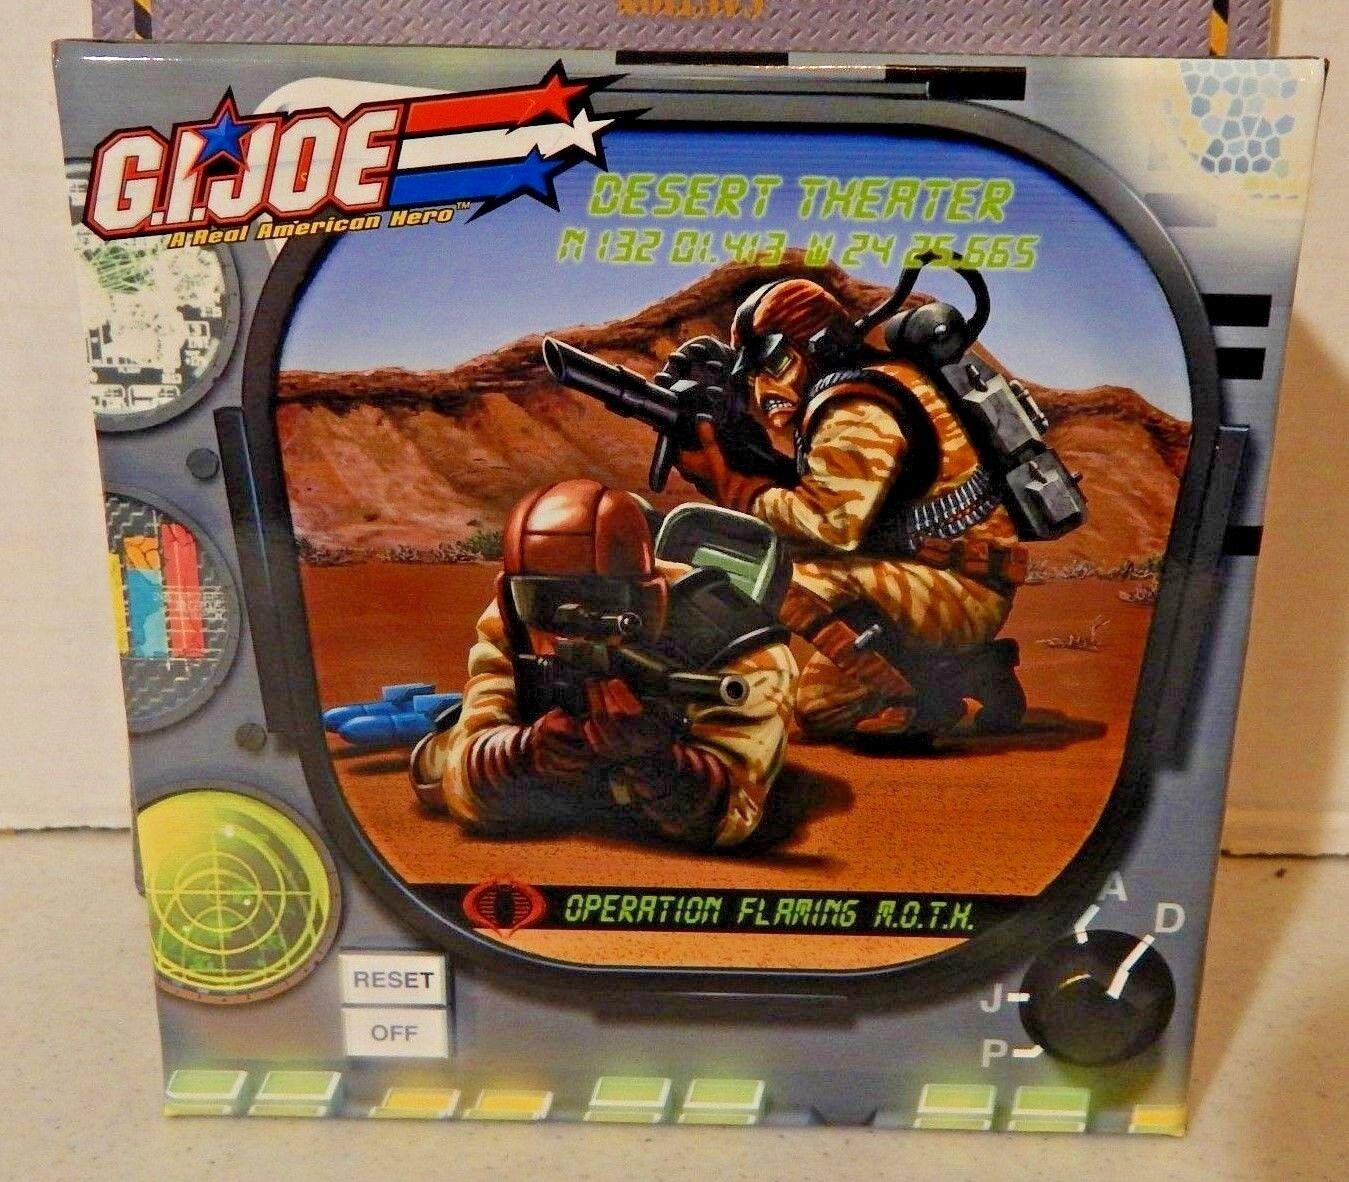 GI JOE  2006 RANGE & FLAK VIPER  100% DESERT THEATRE  MIB   M.O.T.H. MOTH